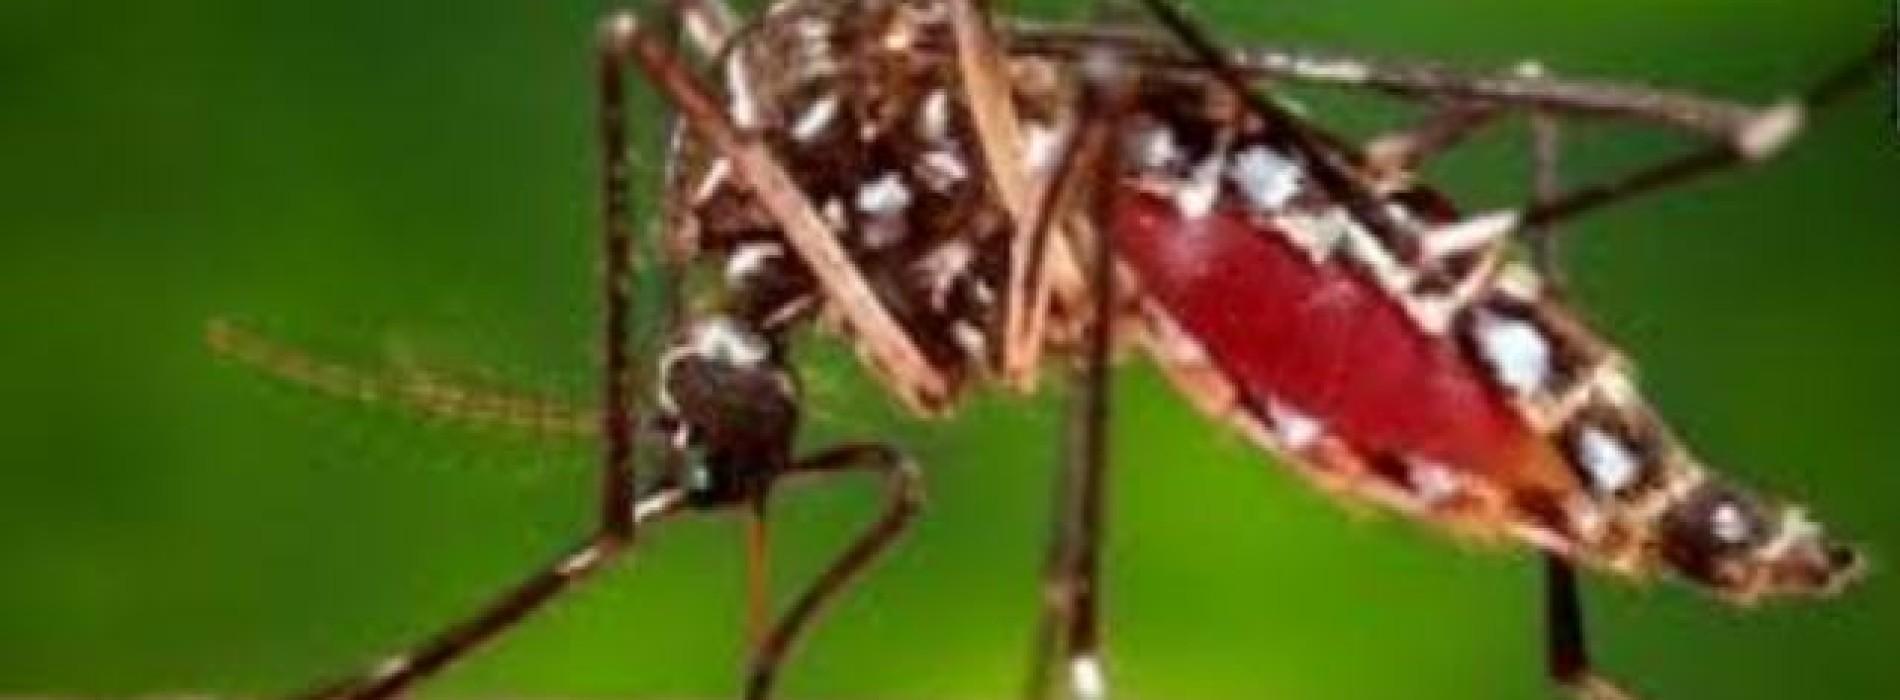 Zika virus set to spread across Americas